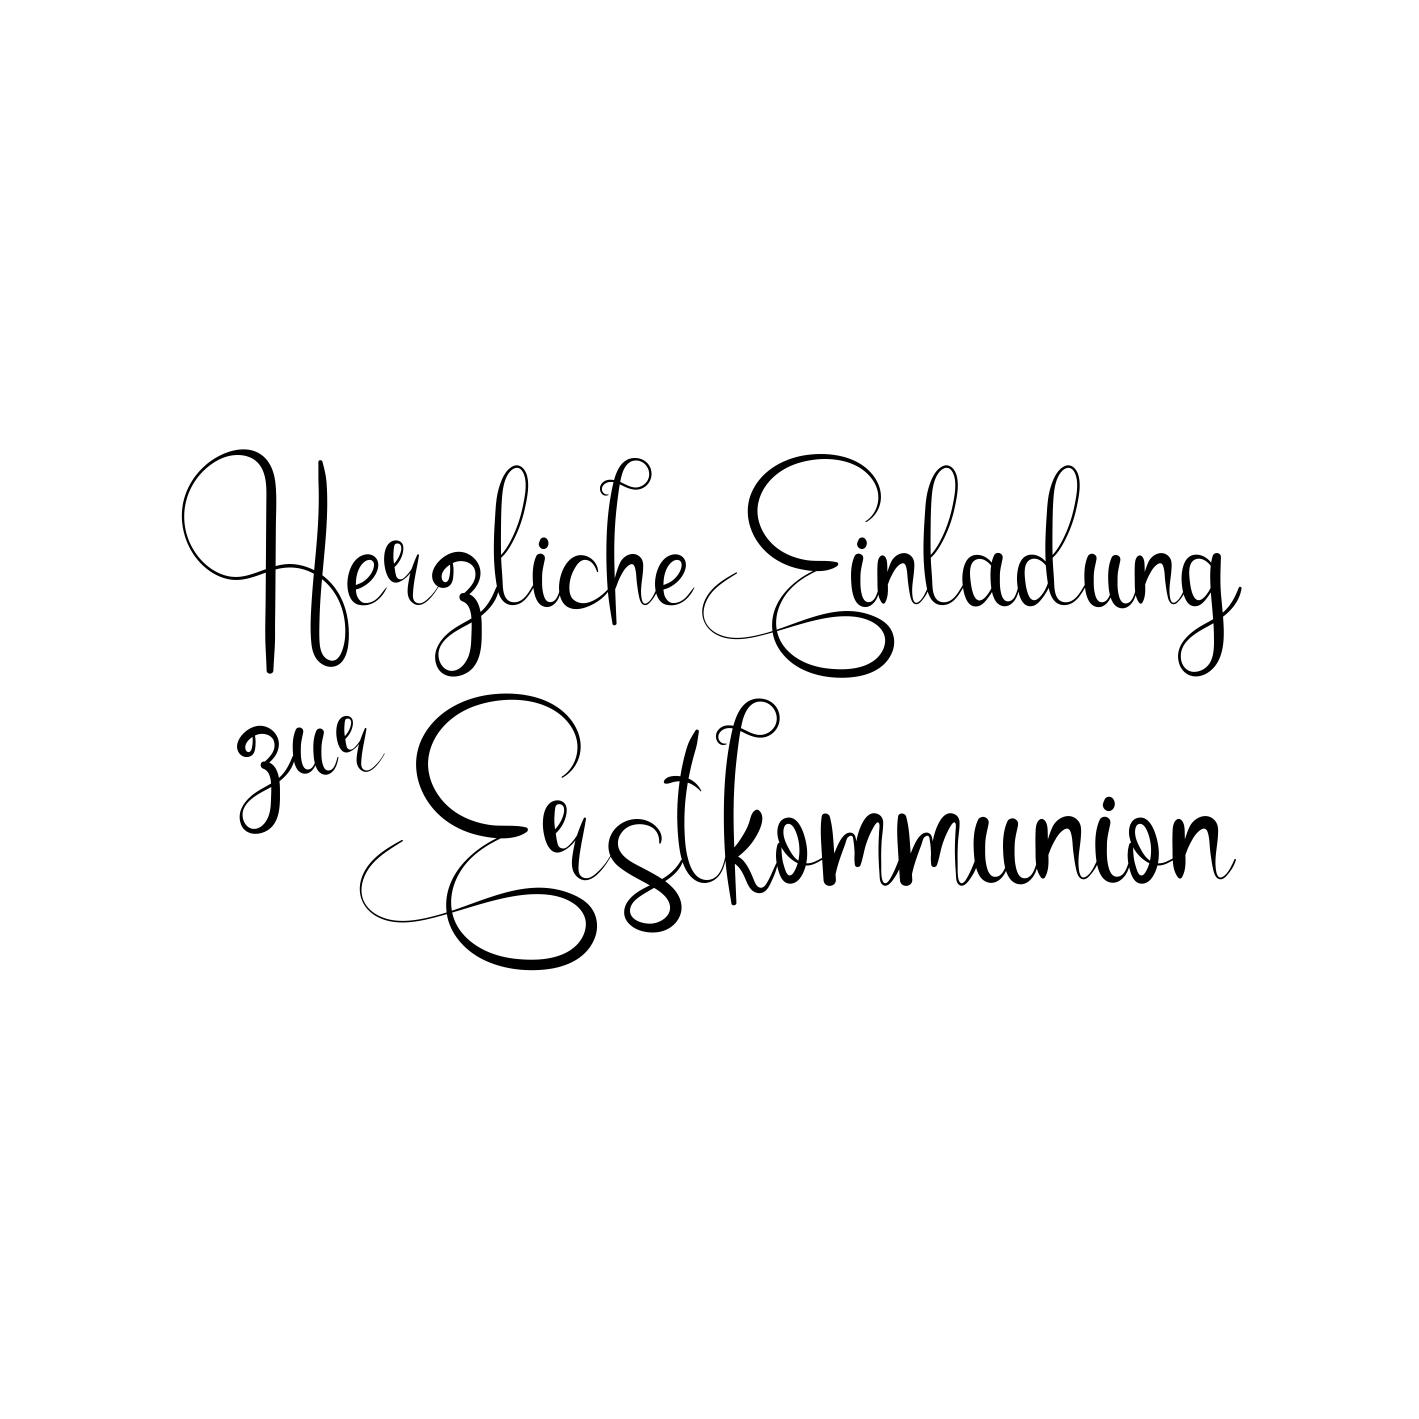 motivstempel_kommunion_herzliche_einladung_zur_erstkommunion.png